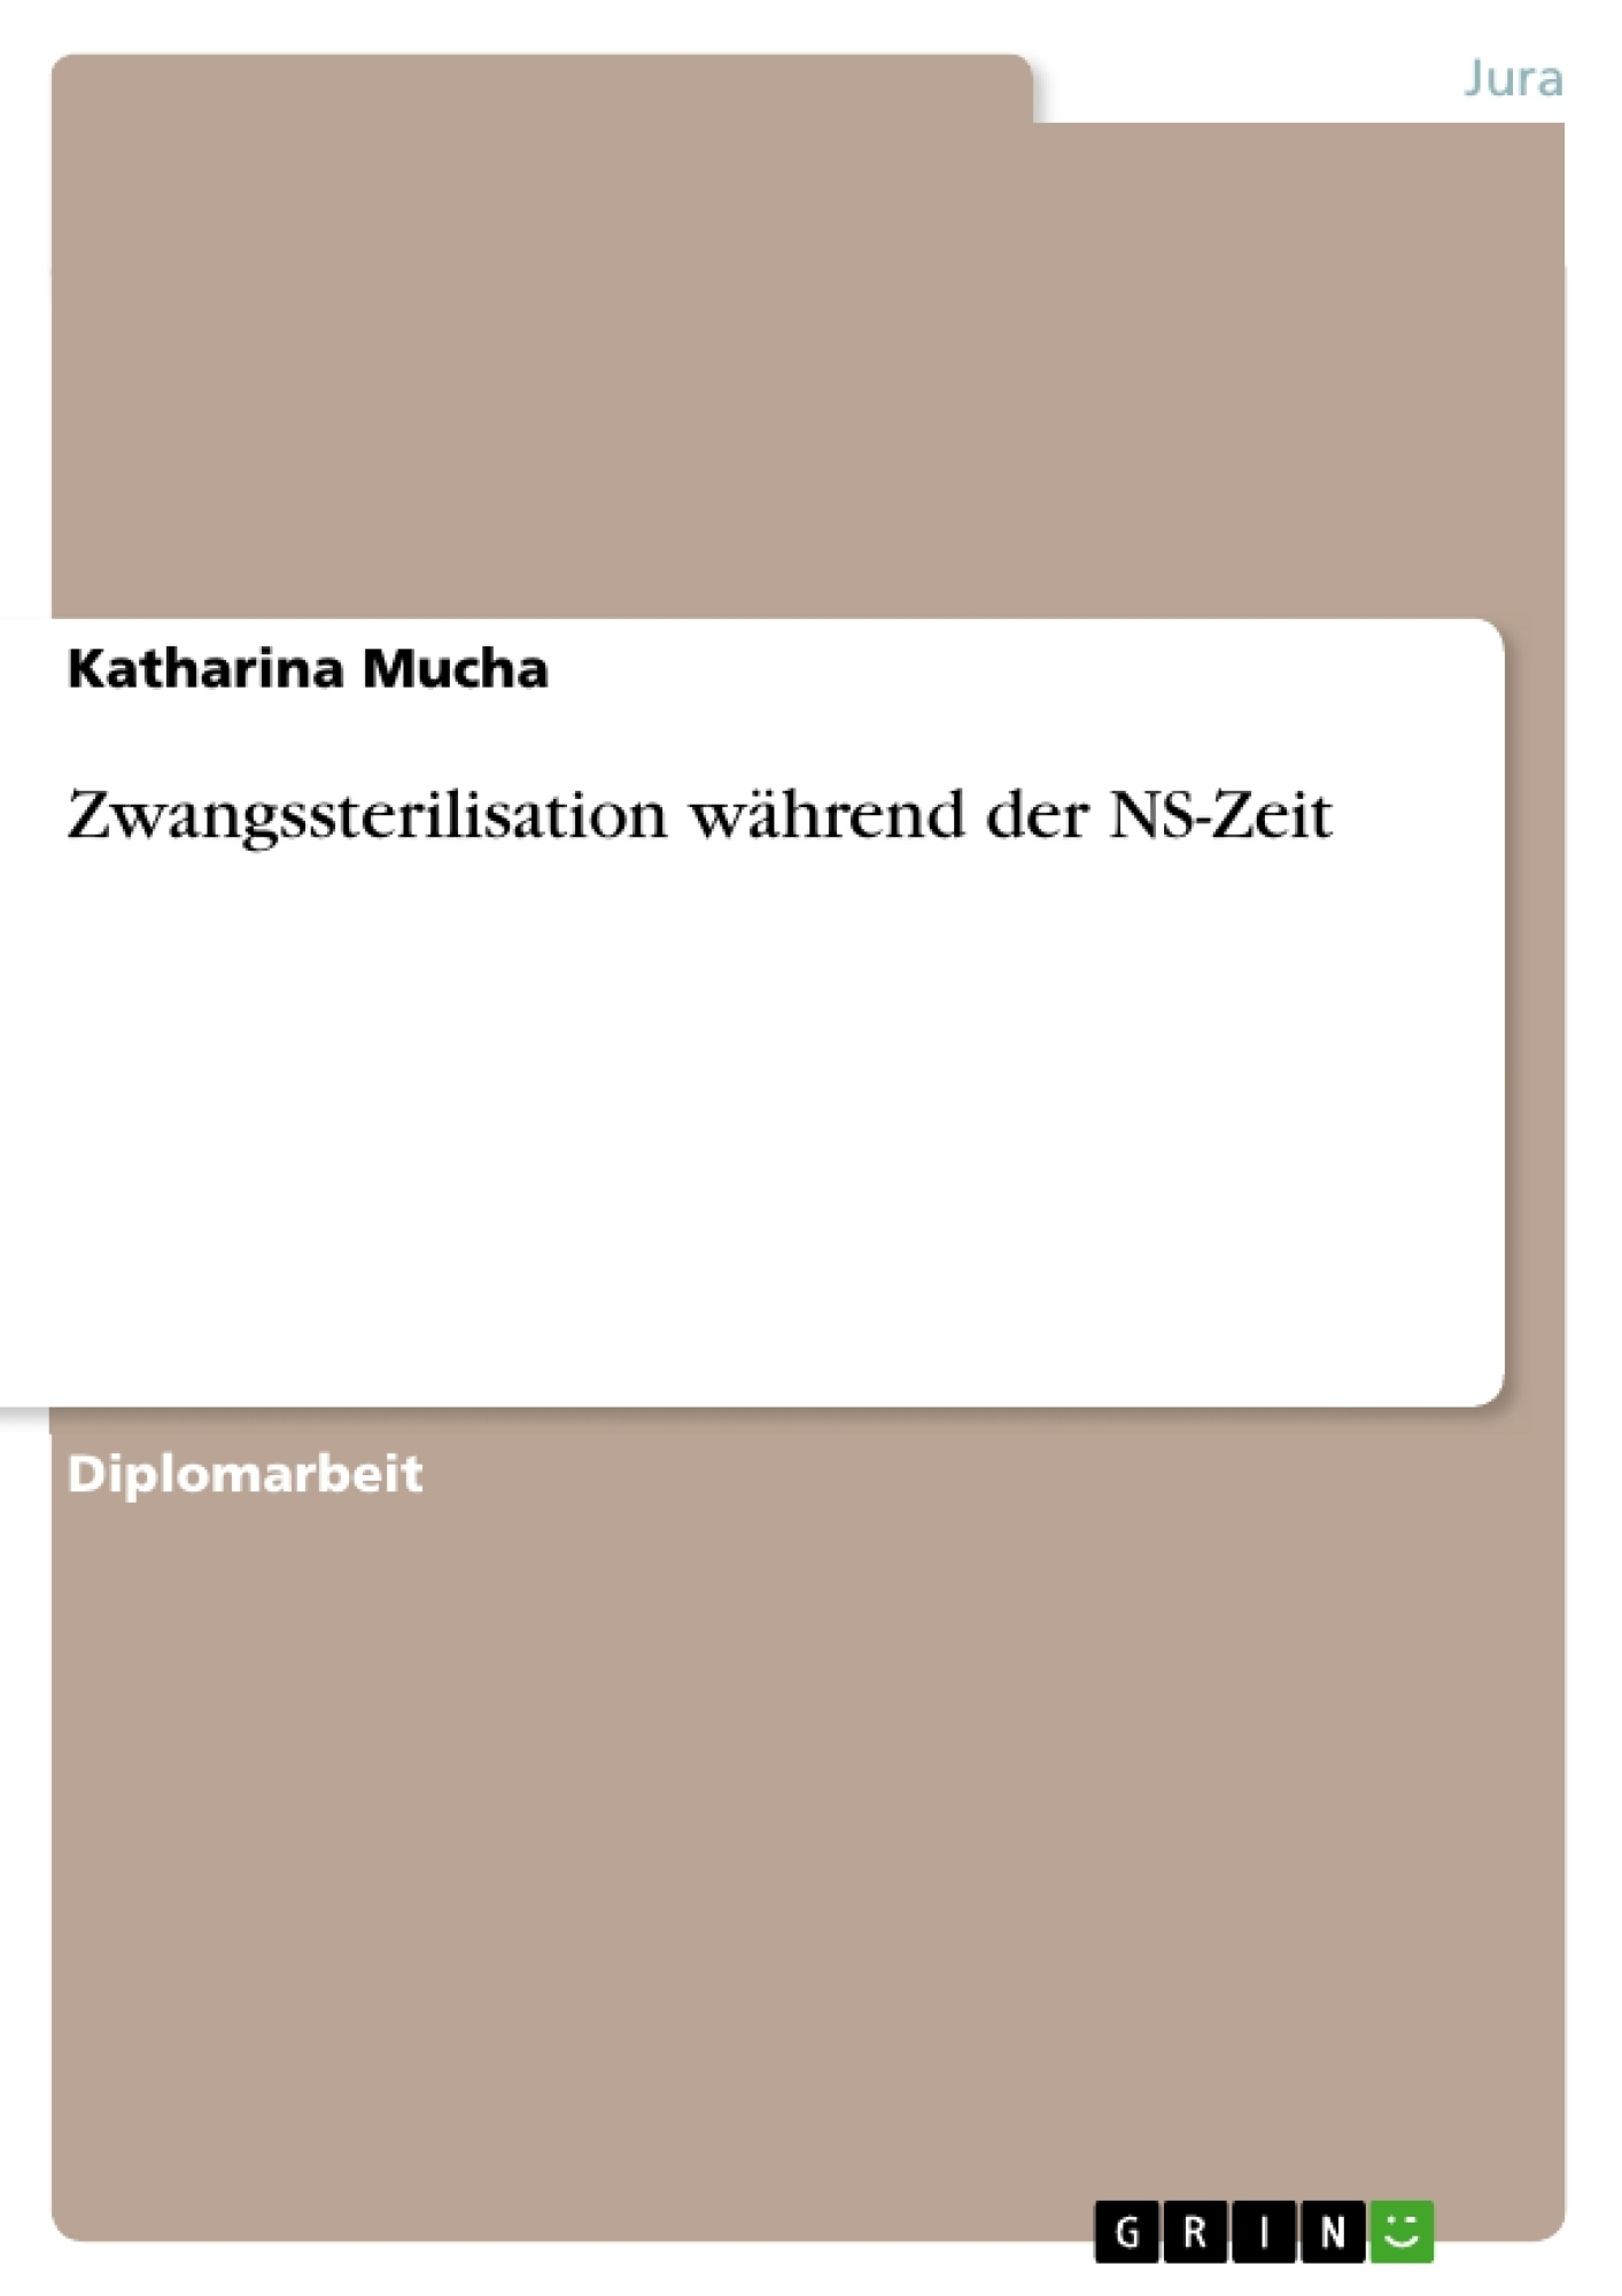 Titel: Zwangssterilisation während der NS-Zeit